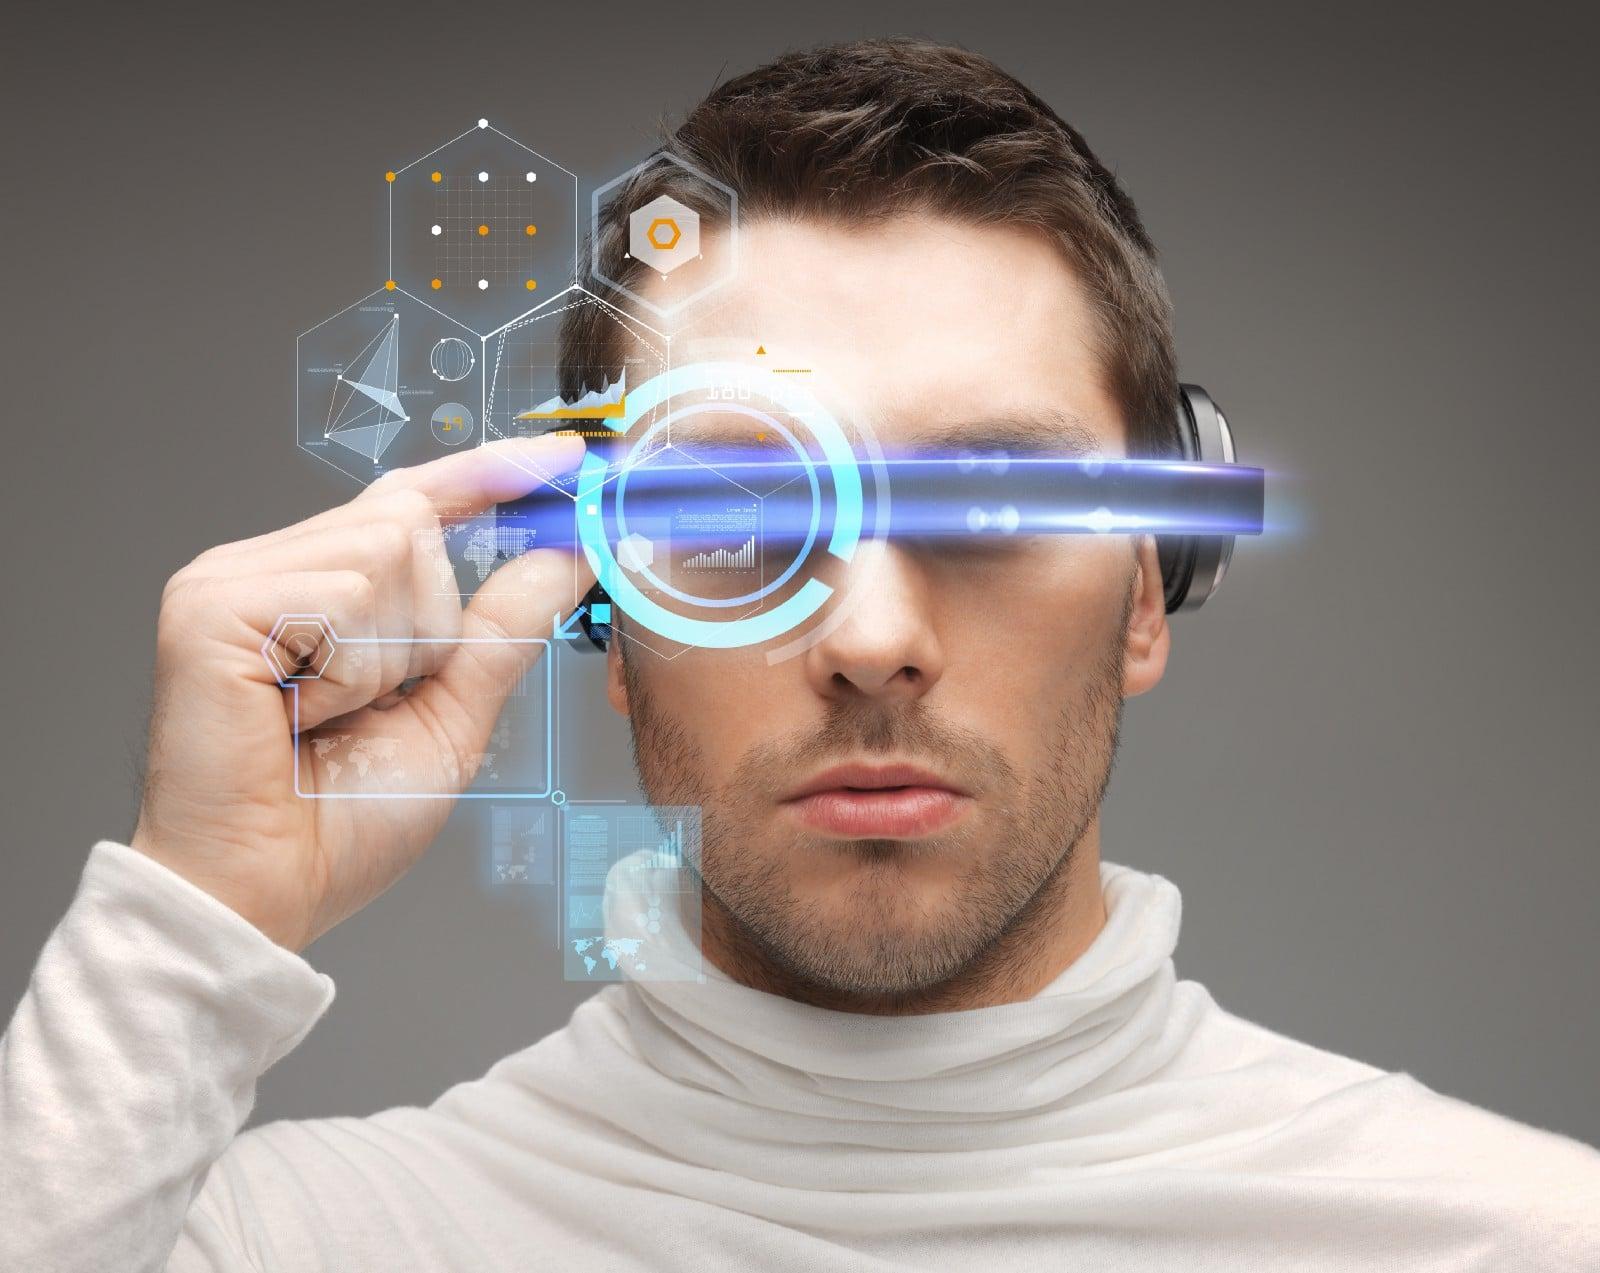 google-glass-tout-savoir-sur-les-lunettes-google